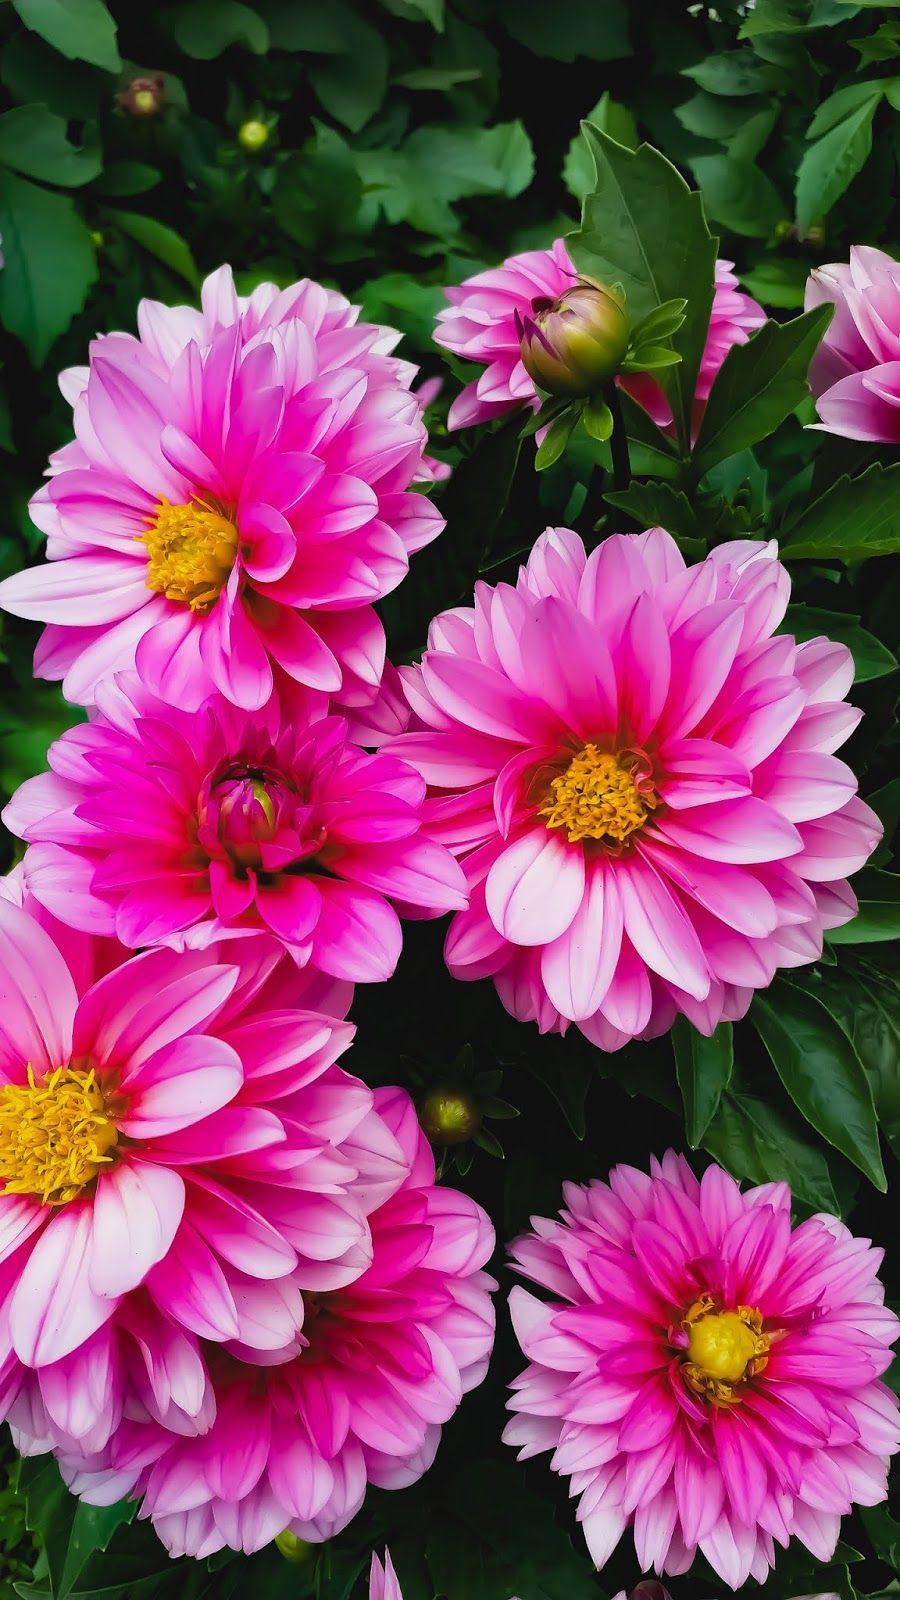 Pink Dahlia Flower Phone Wallpaper Sunflower Wallpaper